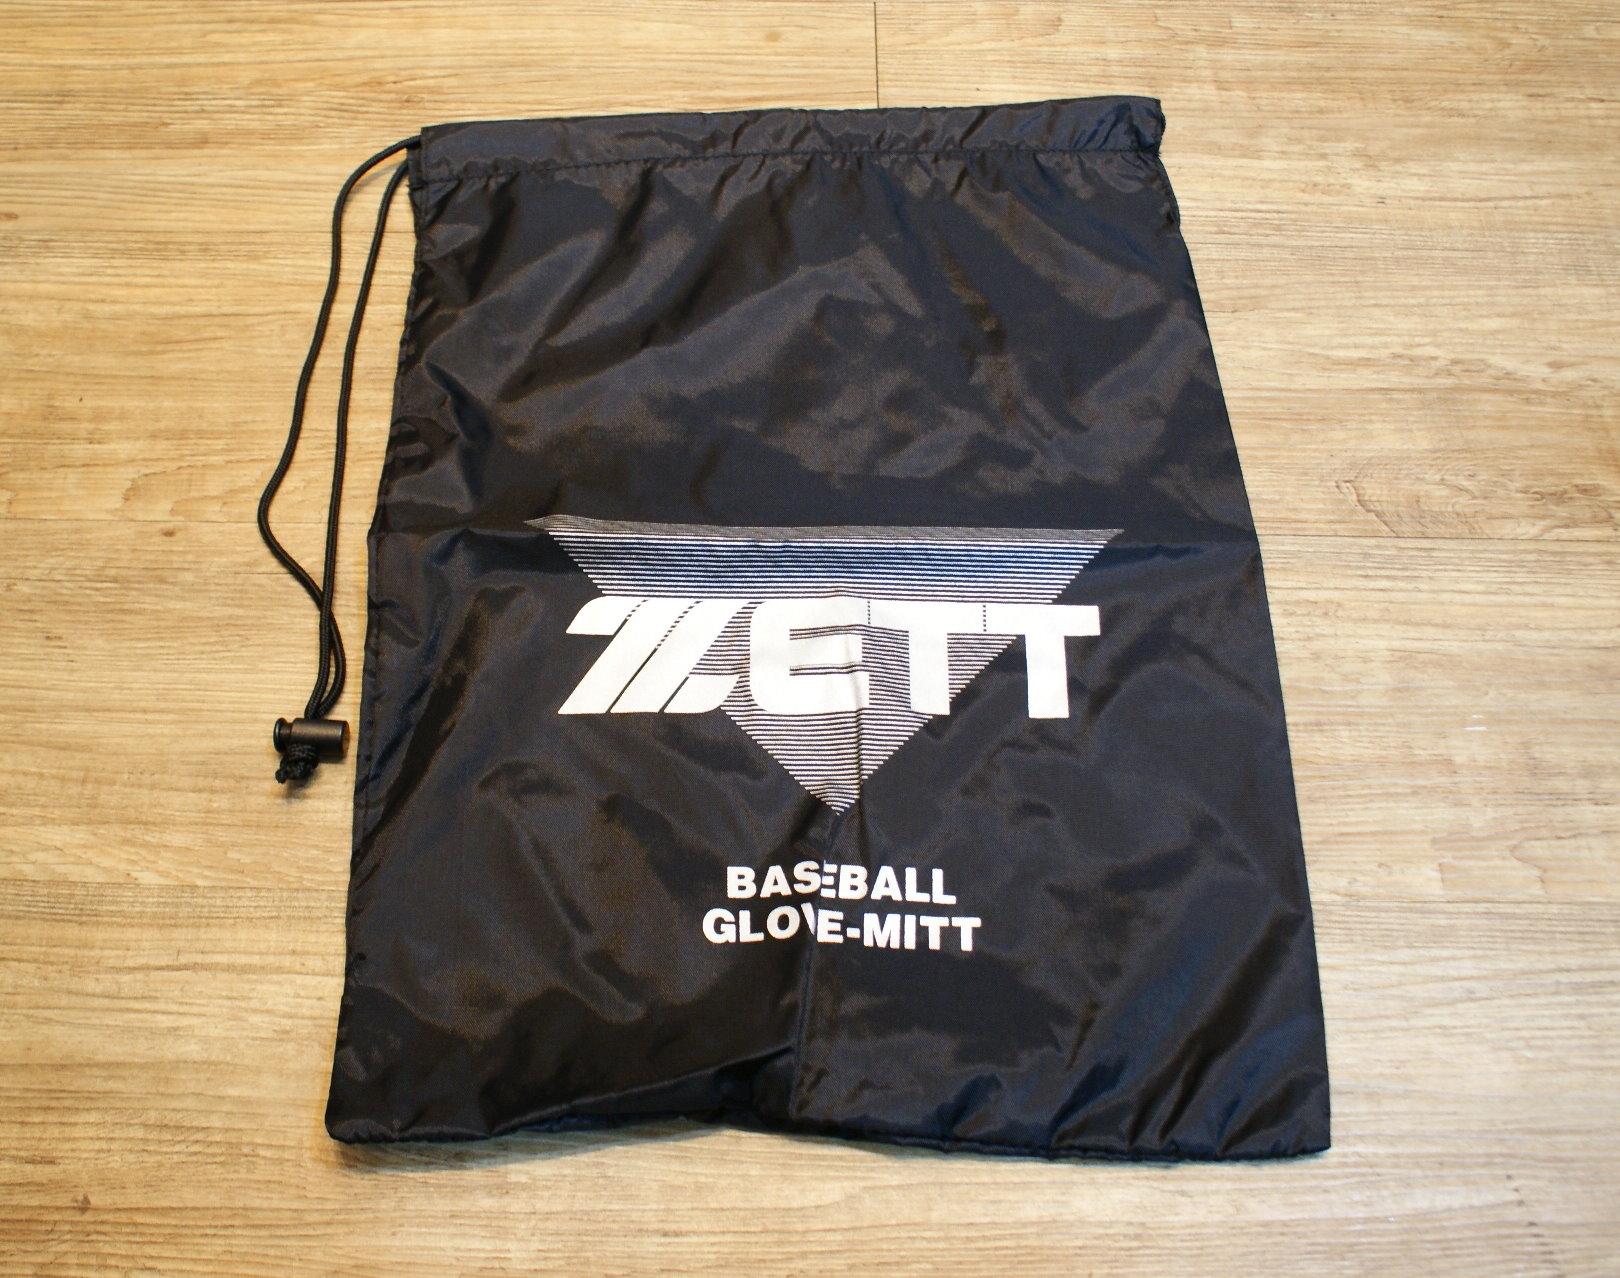 棒球世界 ZETT 手套專用袋 特價